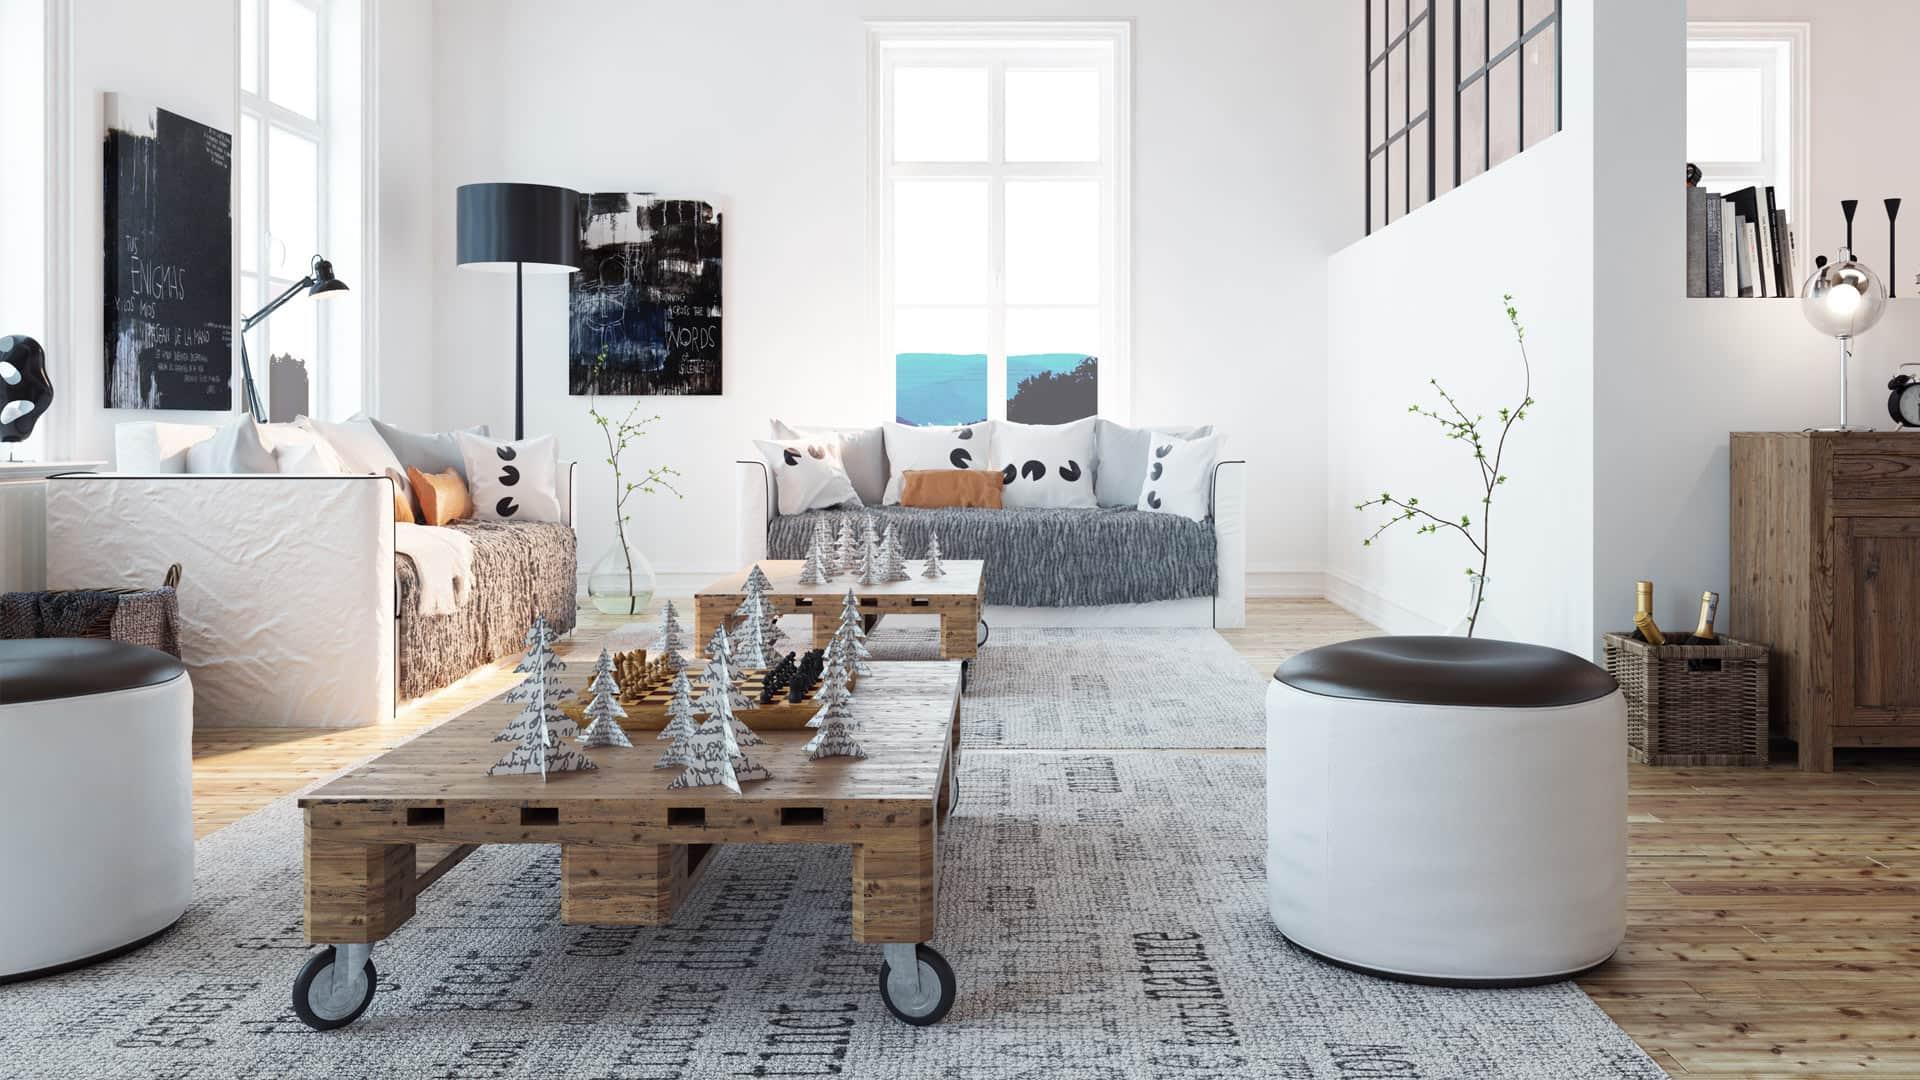 stadtvilla bauen informationen und tipps jetzt mehr erfahren. Black Bedroom Furniture Sets. Home Design Ideas